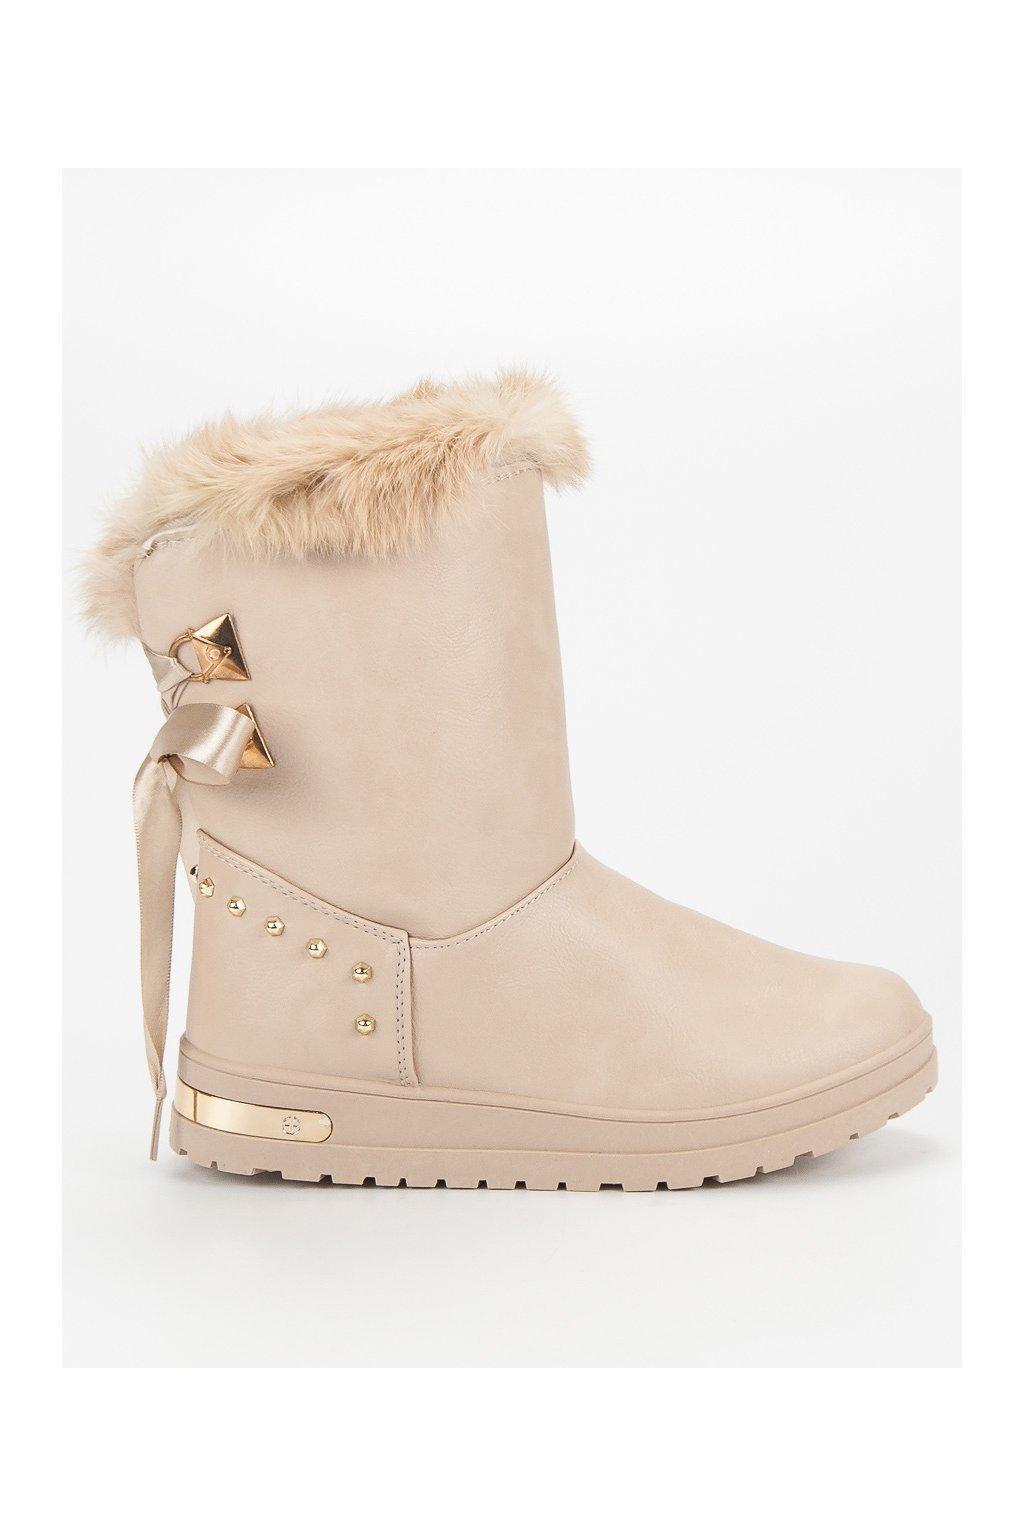 b000ebcd9dd6 Damska zimna obuv elegantna